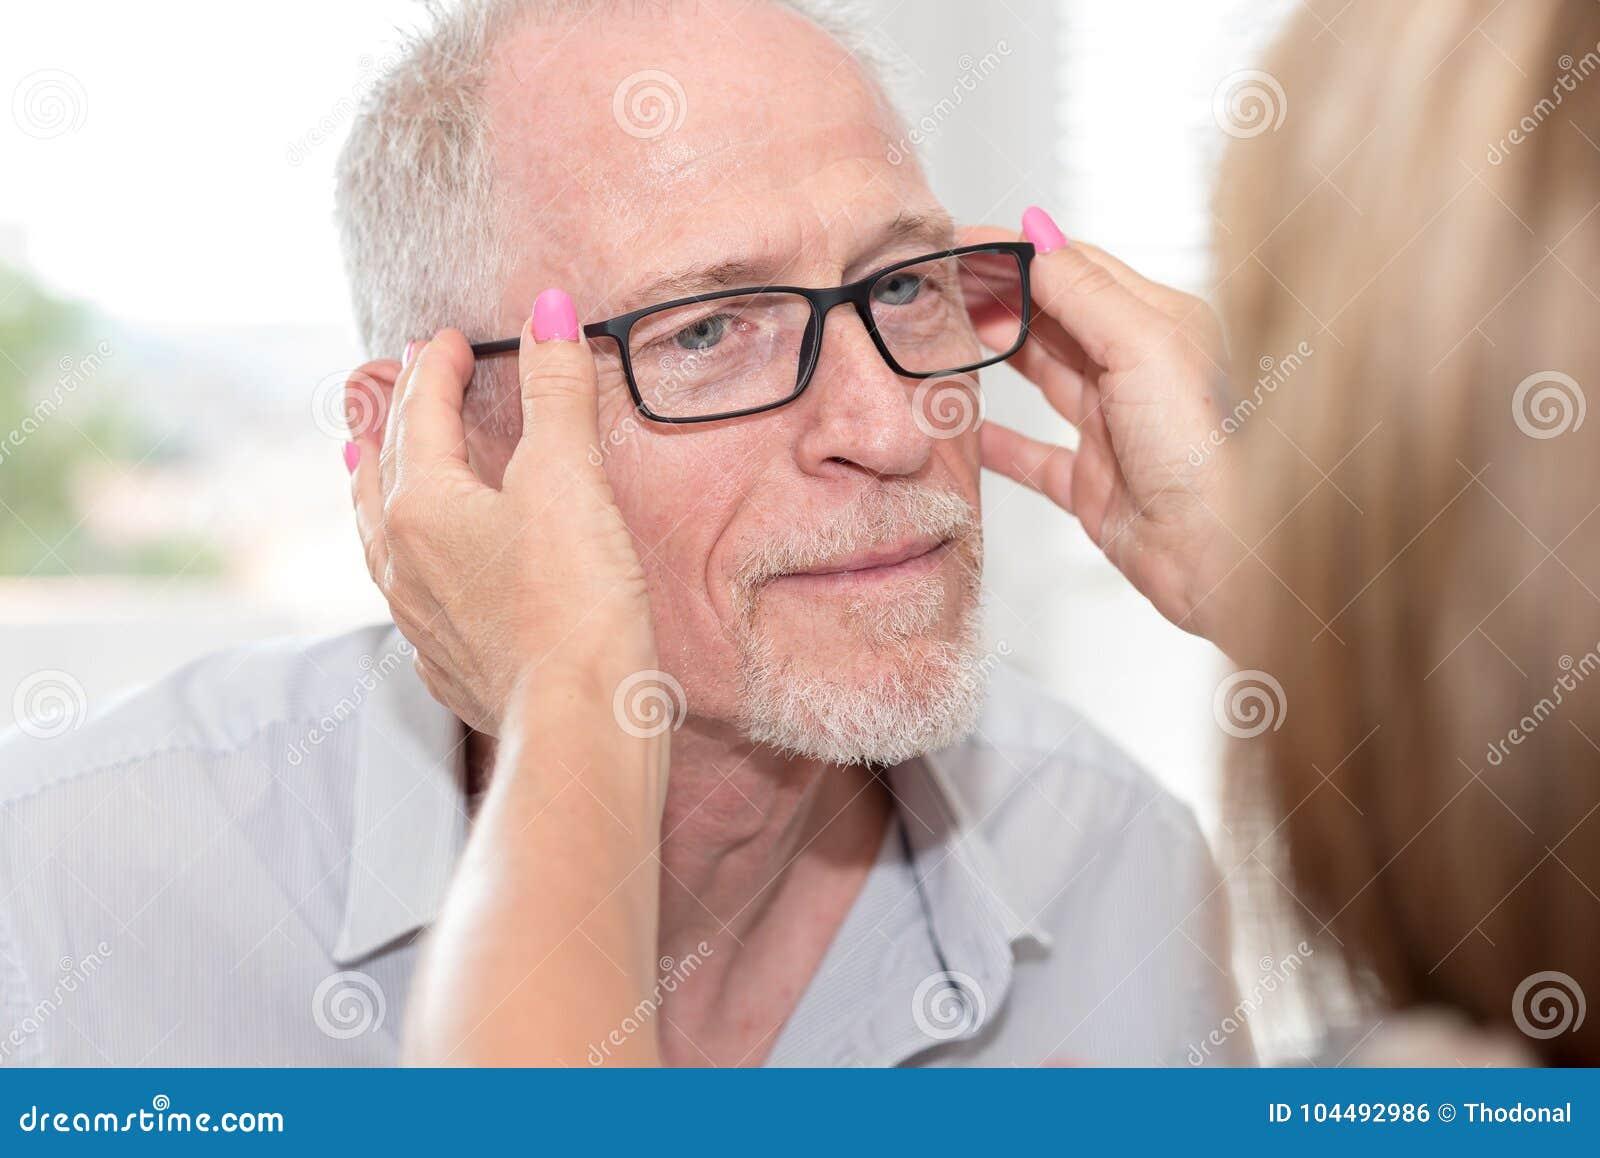 Mature senior men